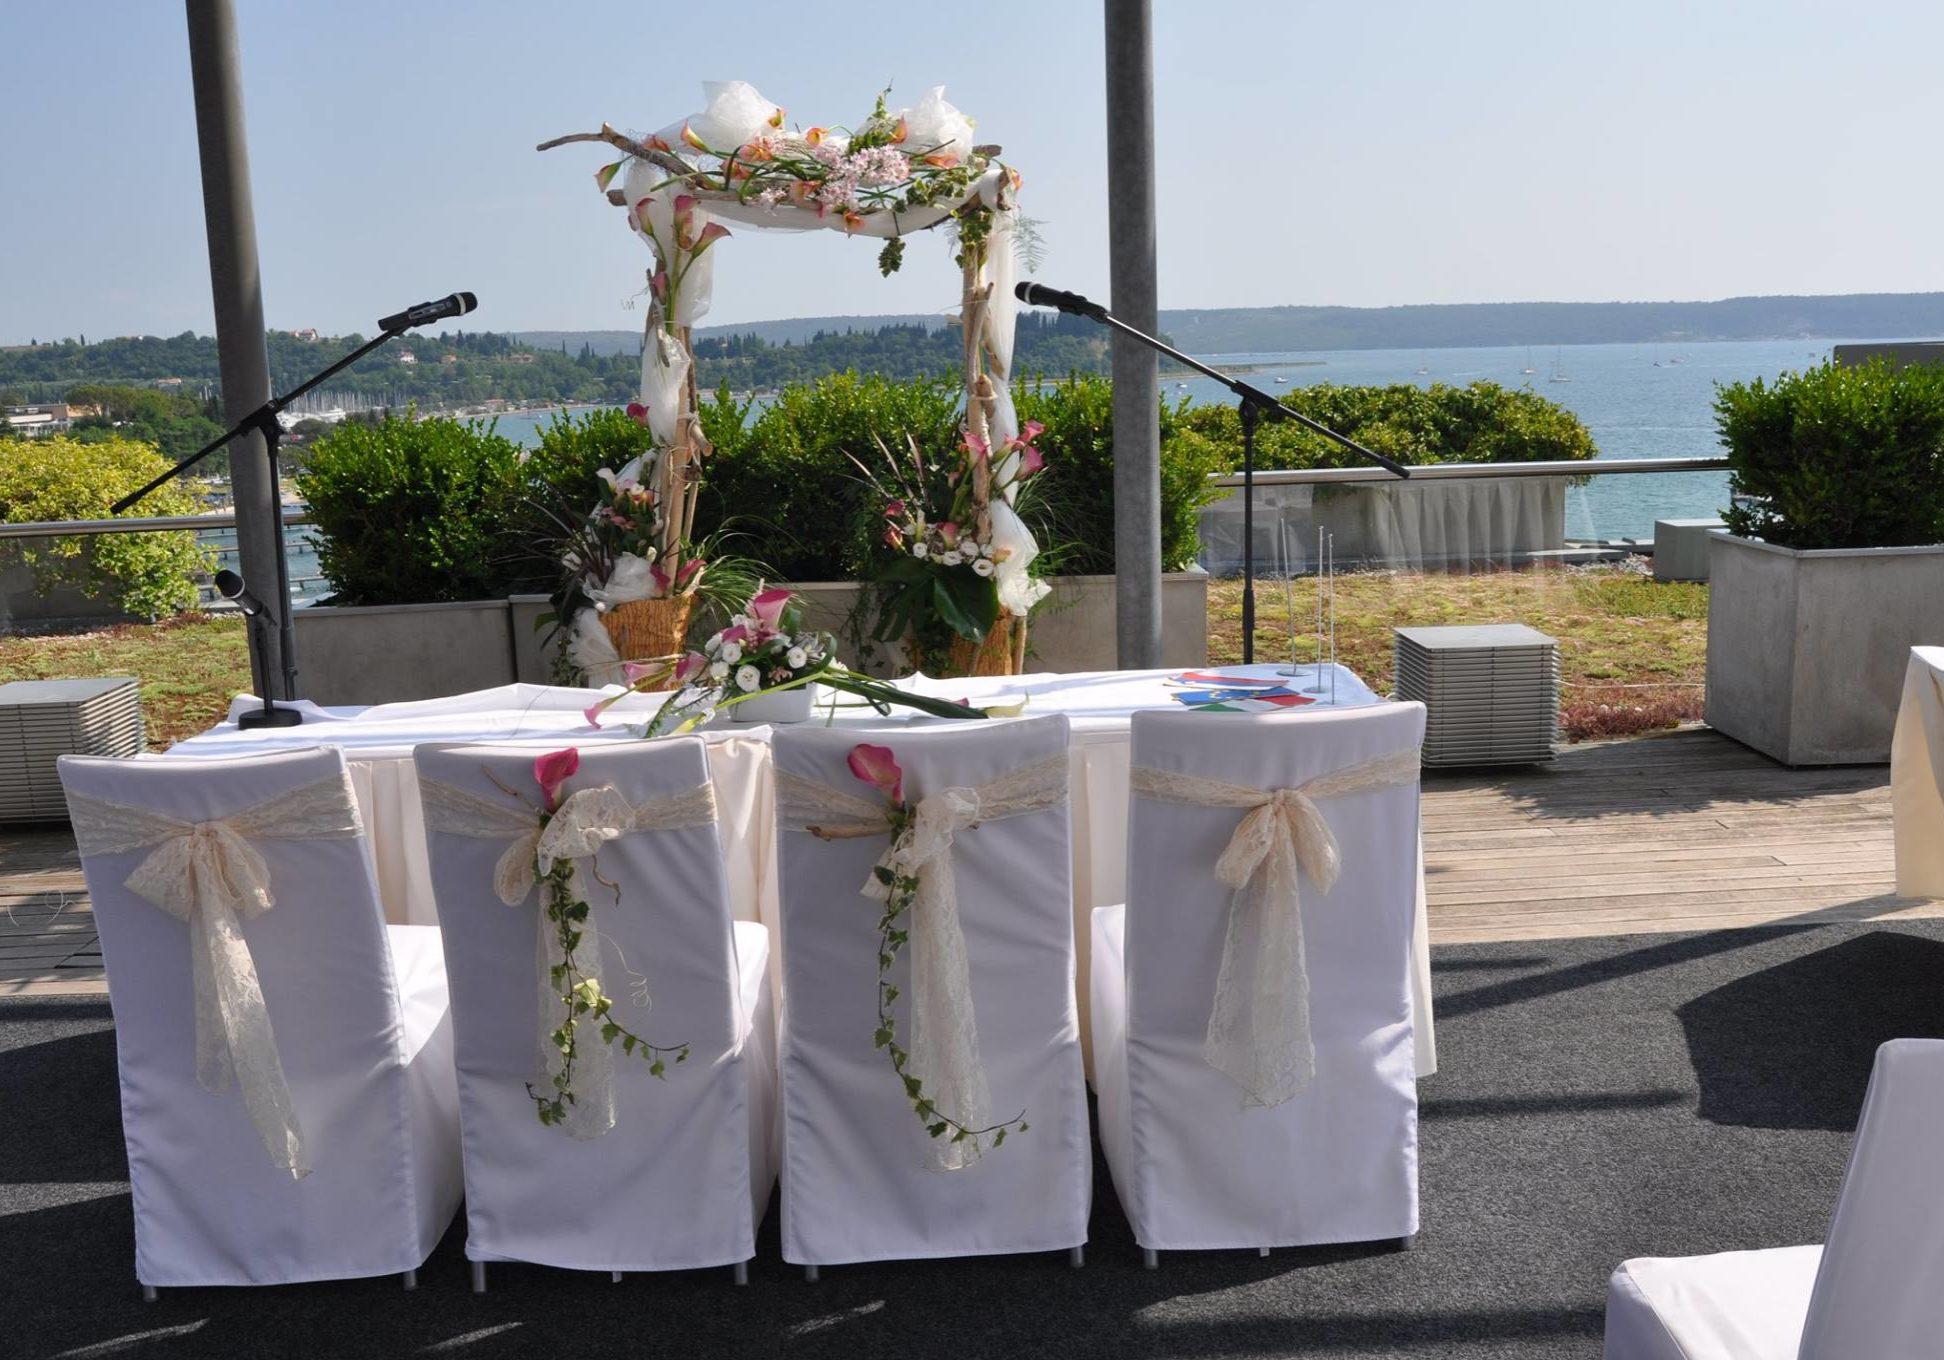 organizacija poroke na morju